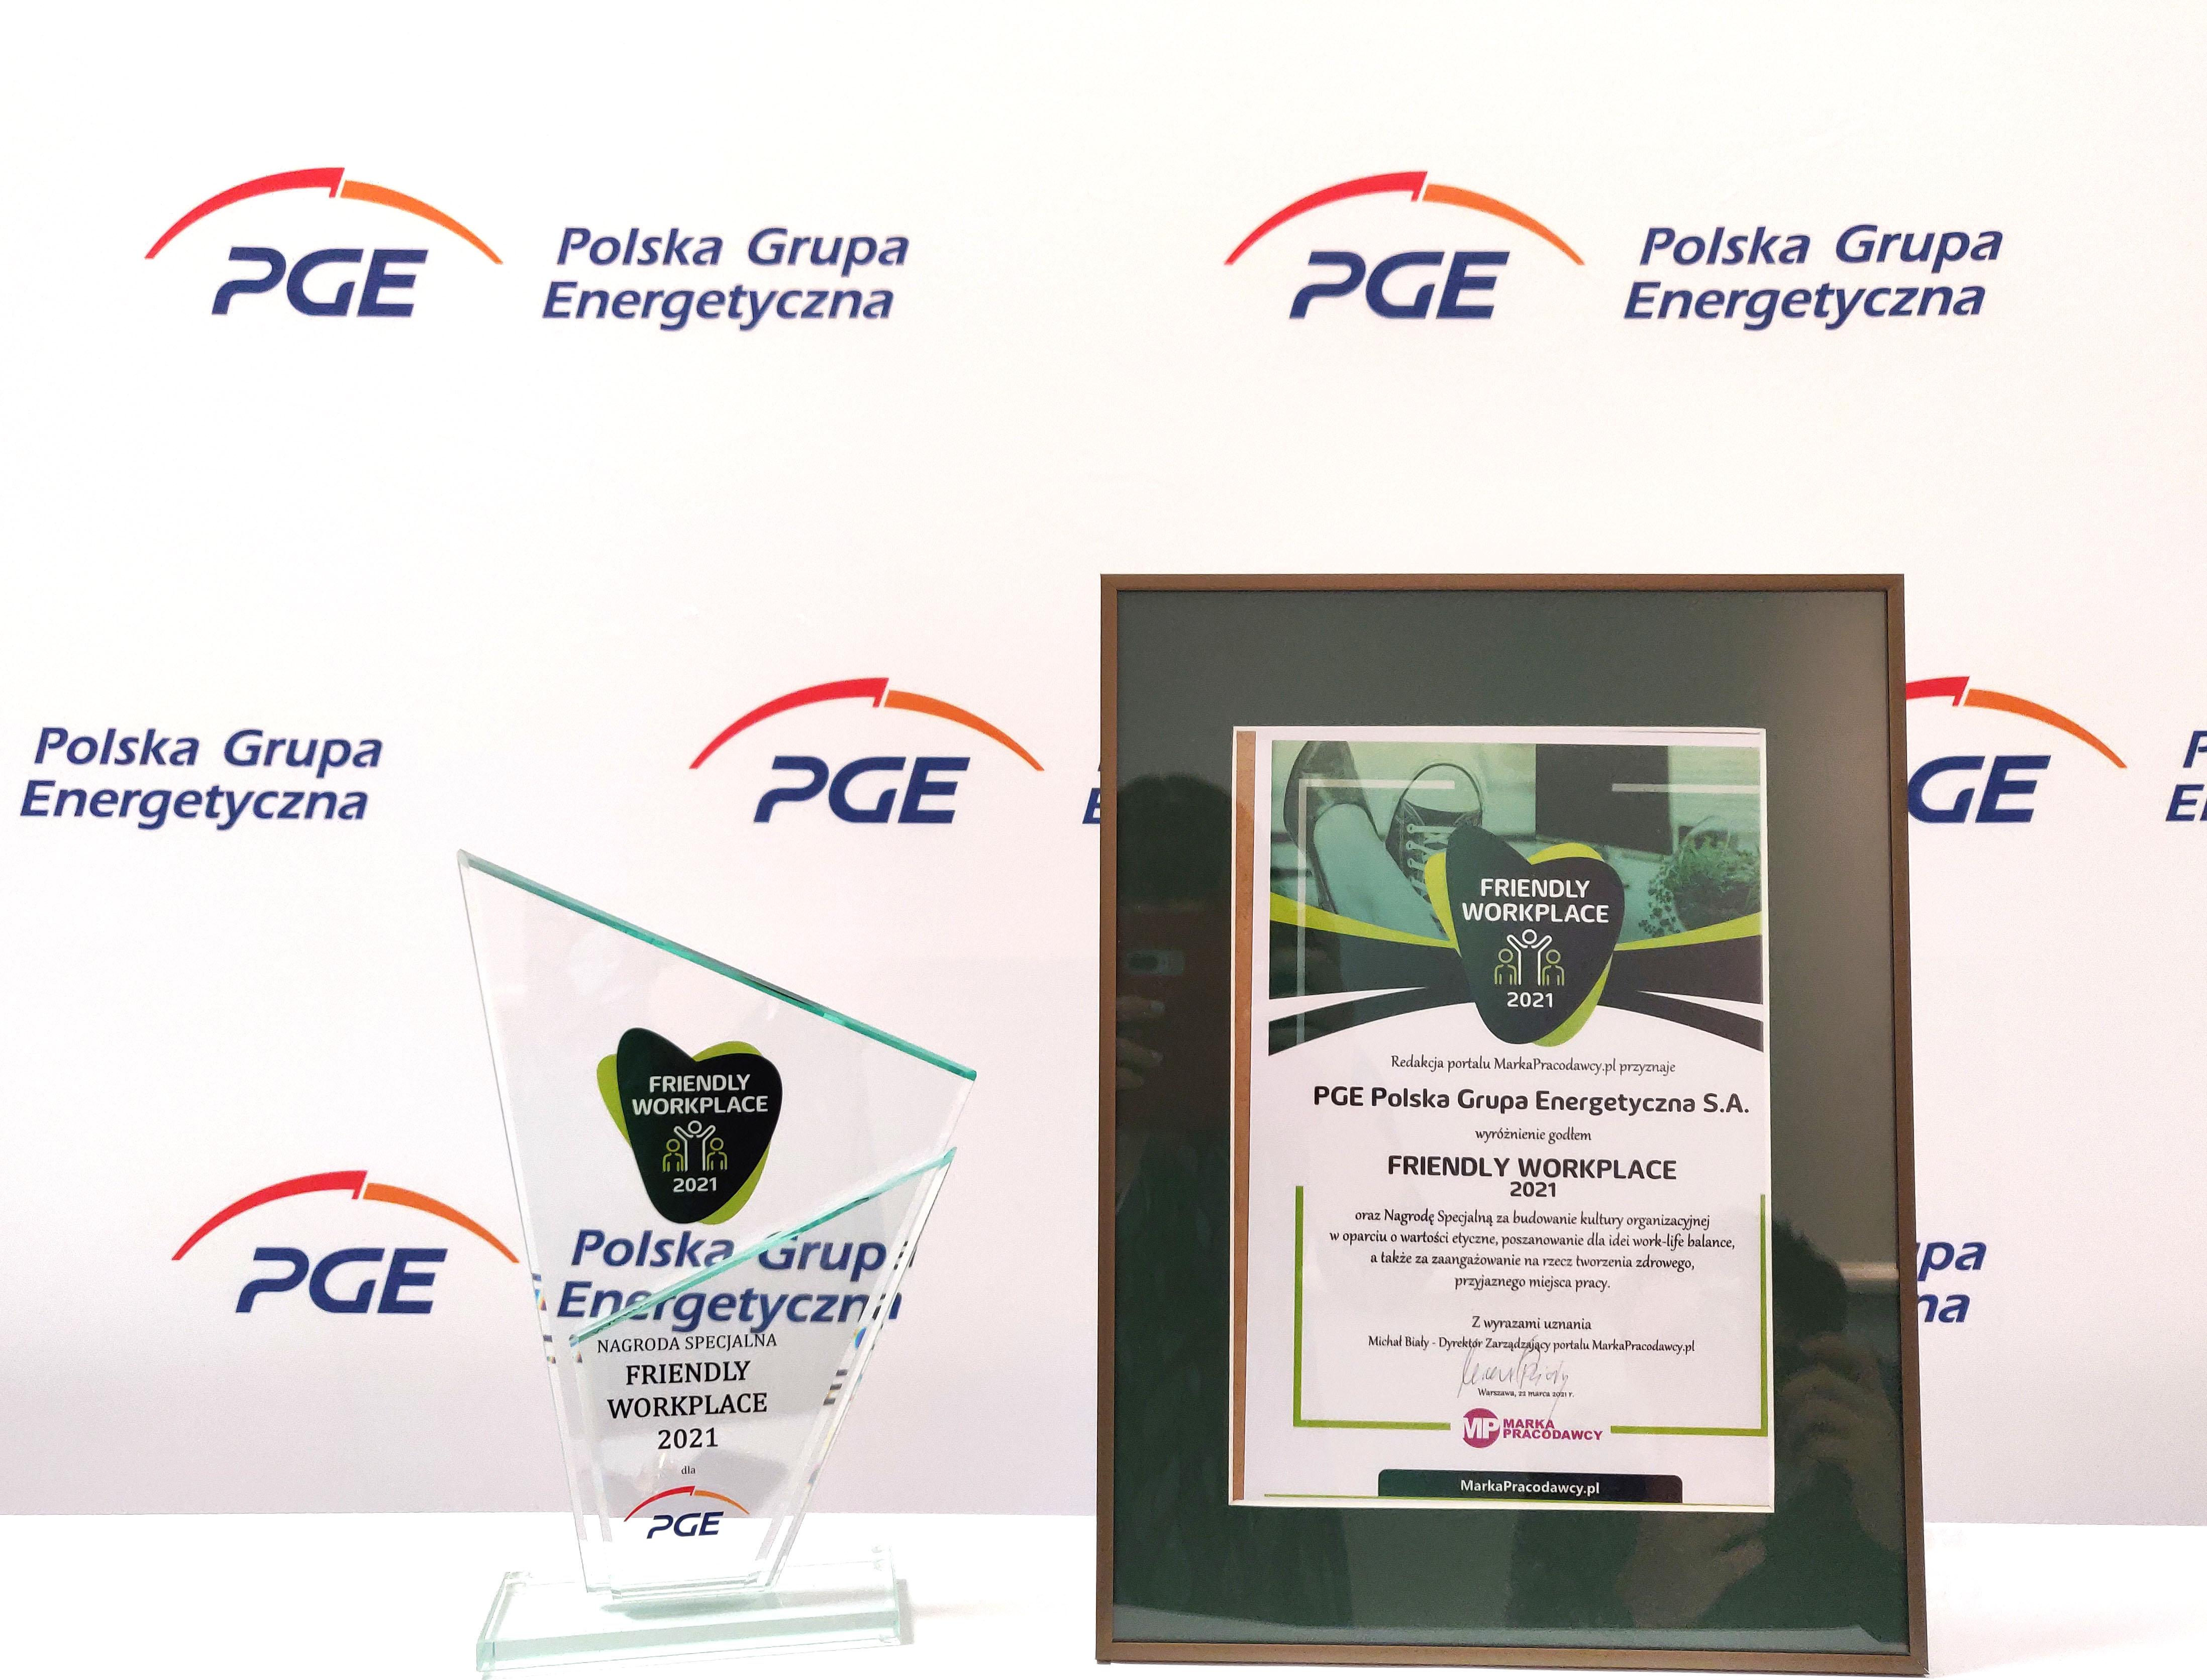 pge-wyrozniona-nagroda-friendly-workplace-2021_2.jpg